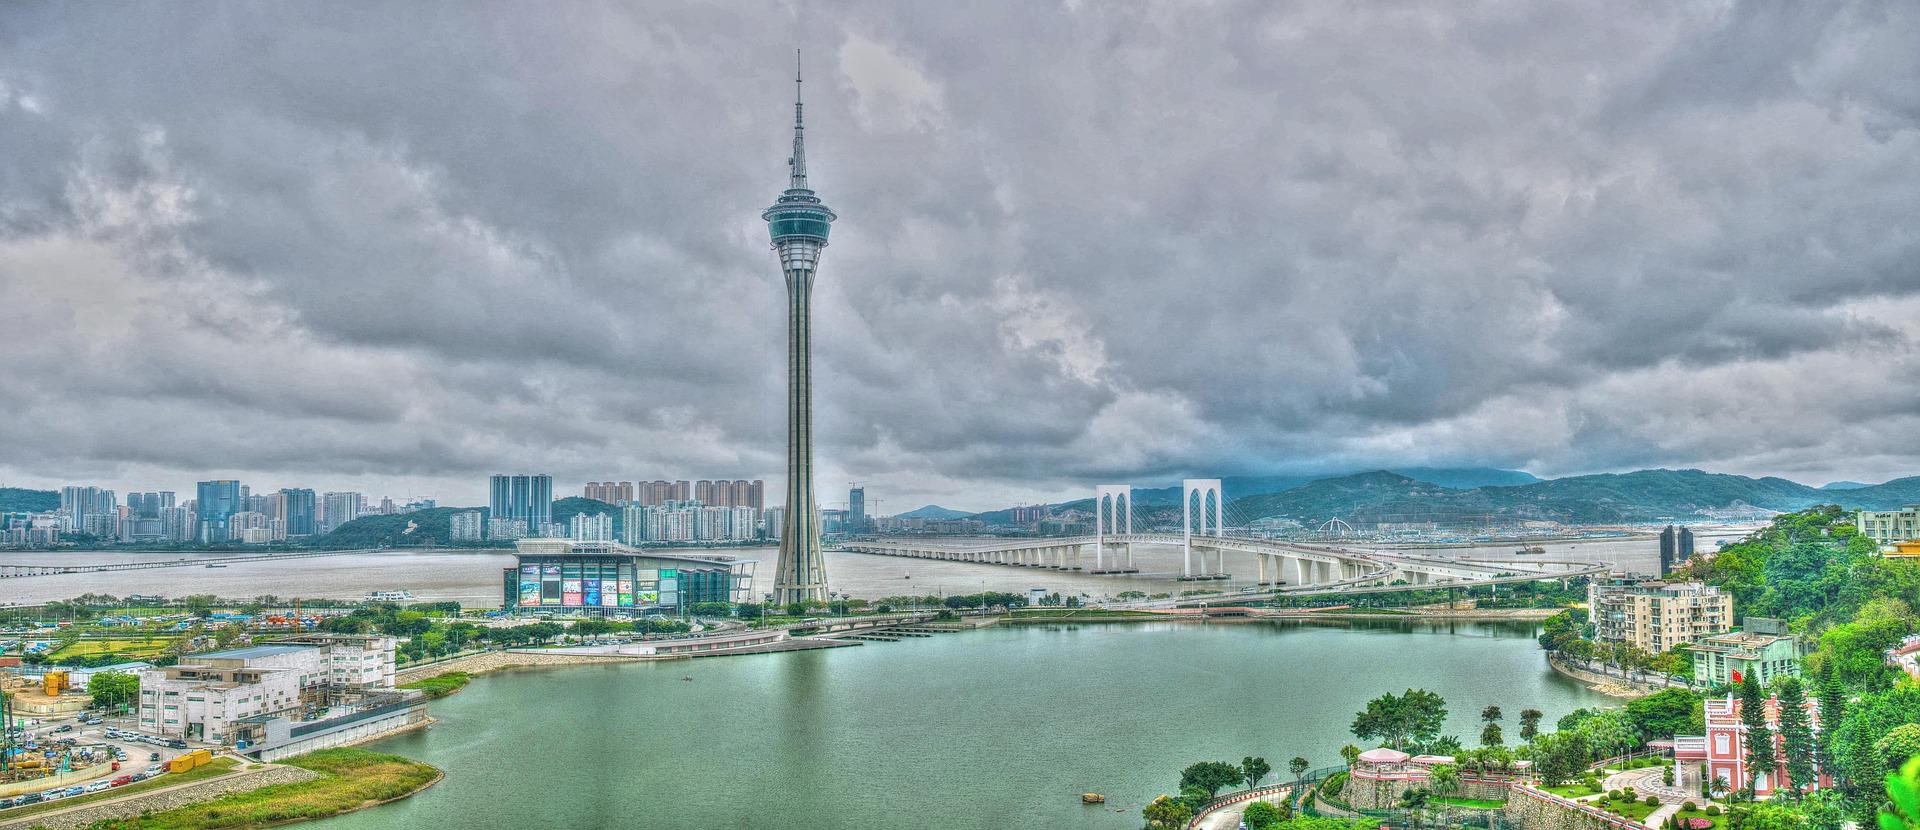 macau-tower.jpg